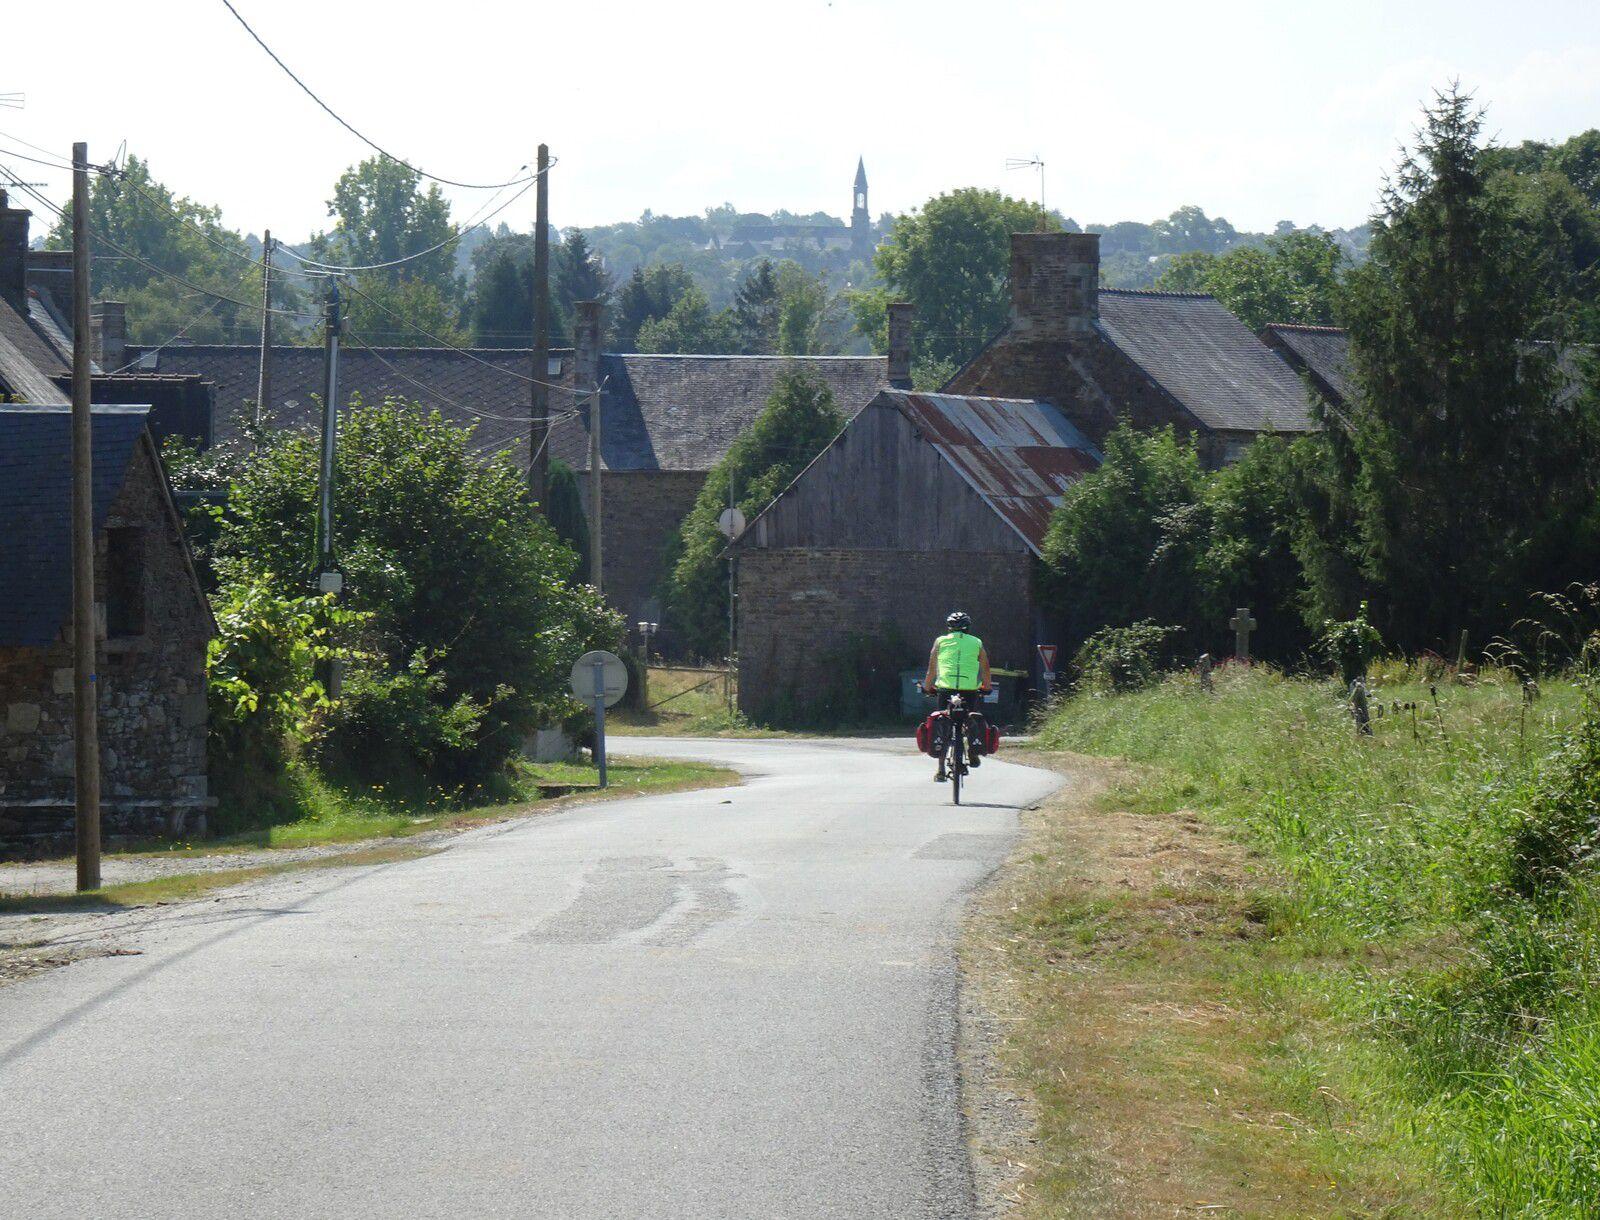 Le tour d'Ille-et-Vilaine - Etape 3 :  Pontorson / Saint-Brice-en-Coglès - 50,4 km - A.R